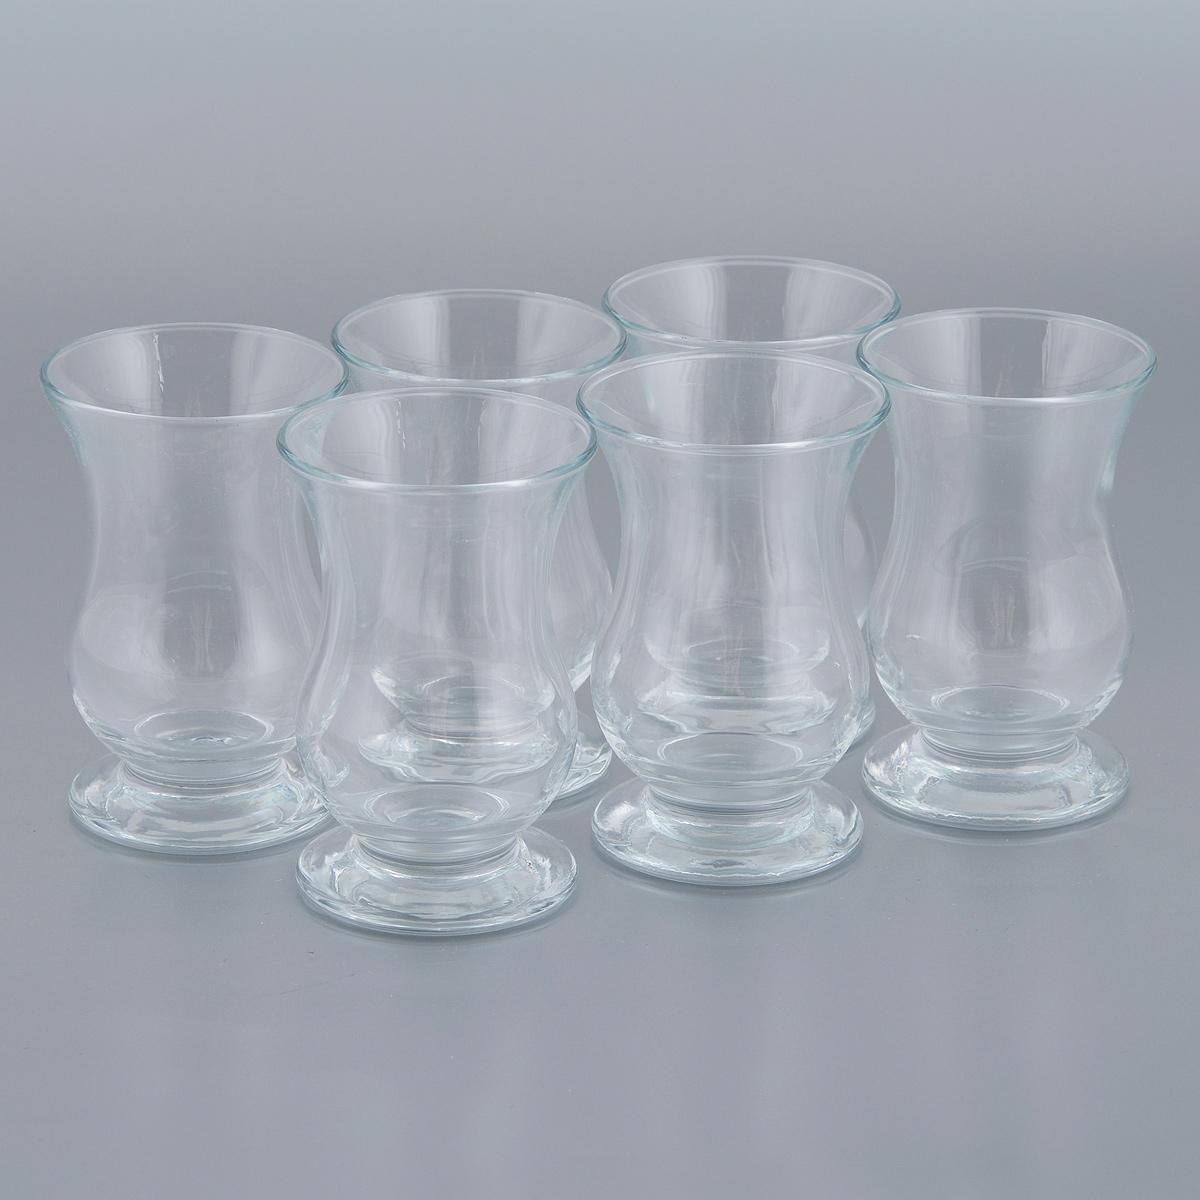 Набор стаканов Pasabahce Pera, 95 мл, 6 штVT-1520(SR)Набор Pasabahce Pera состоит из 6 стаканов, выполненных из прочного натрий-кальций-силикатного стекла, которое выдерживает нагрев до 70°С. Стильный лаконичный дизайн, роскошный внешний вид и несравненное качество сделают их великолепным украшением стола. Подходят для мытья в посудомоечной машине. Можно использовать в микроволновой печи и для хранения пищи в холодильнике. Диаметр (по верхнему краю): 5,5 см. Высота стакана: 8,5 см.